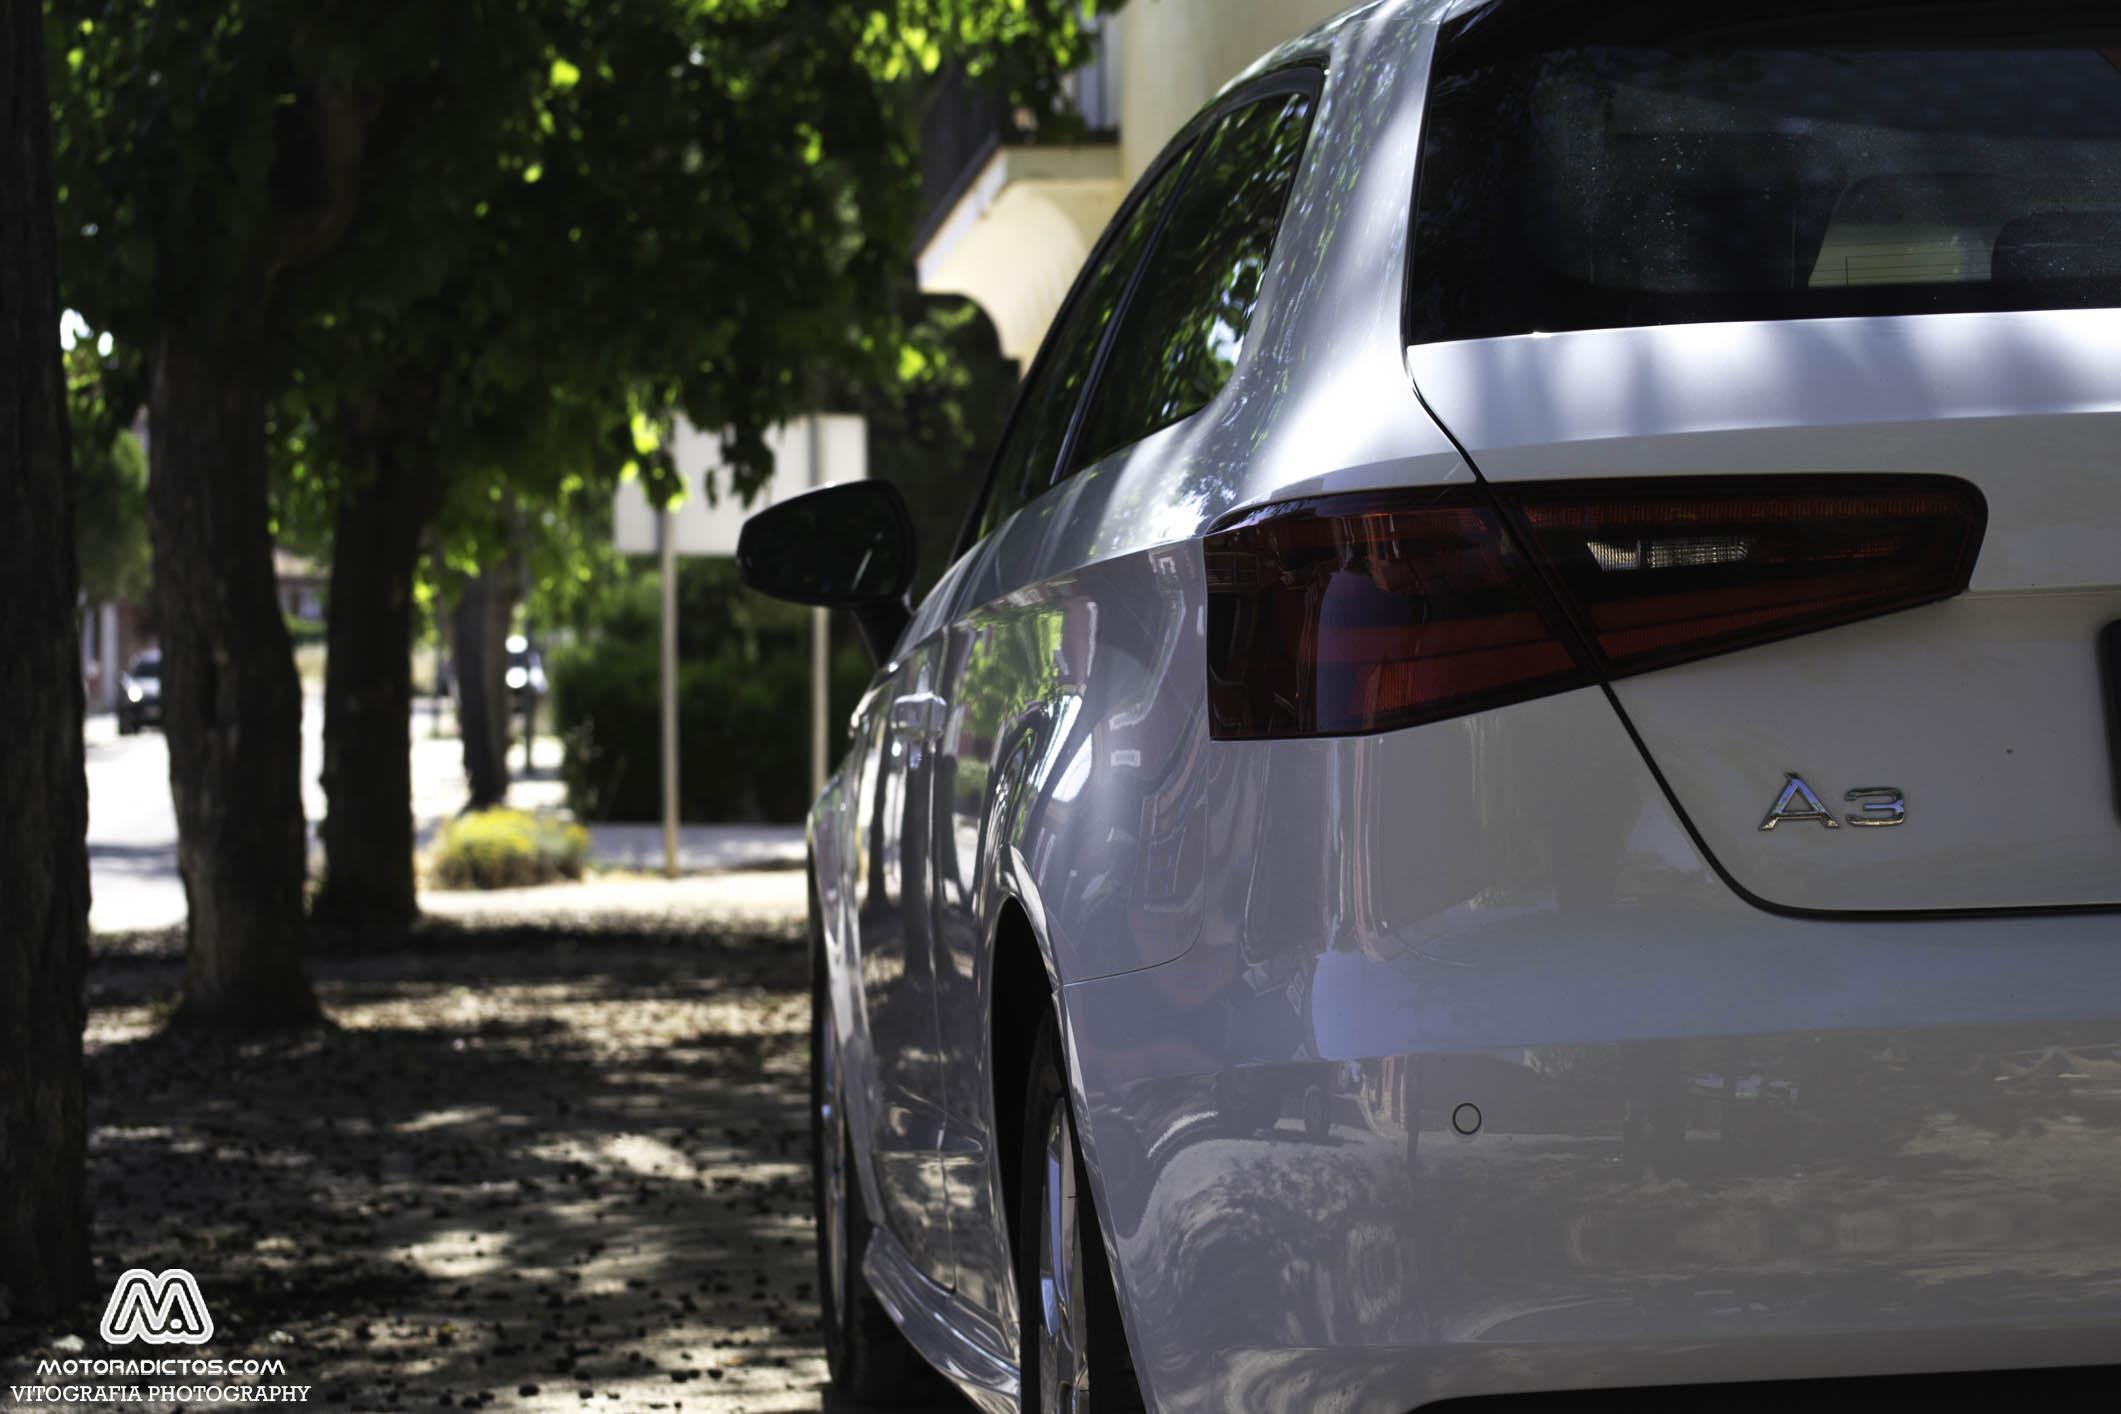 Prueba: Audi A3 1.6 TDI Ultra 110 CV (equipamiento, comportamiento, conclusión) 2